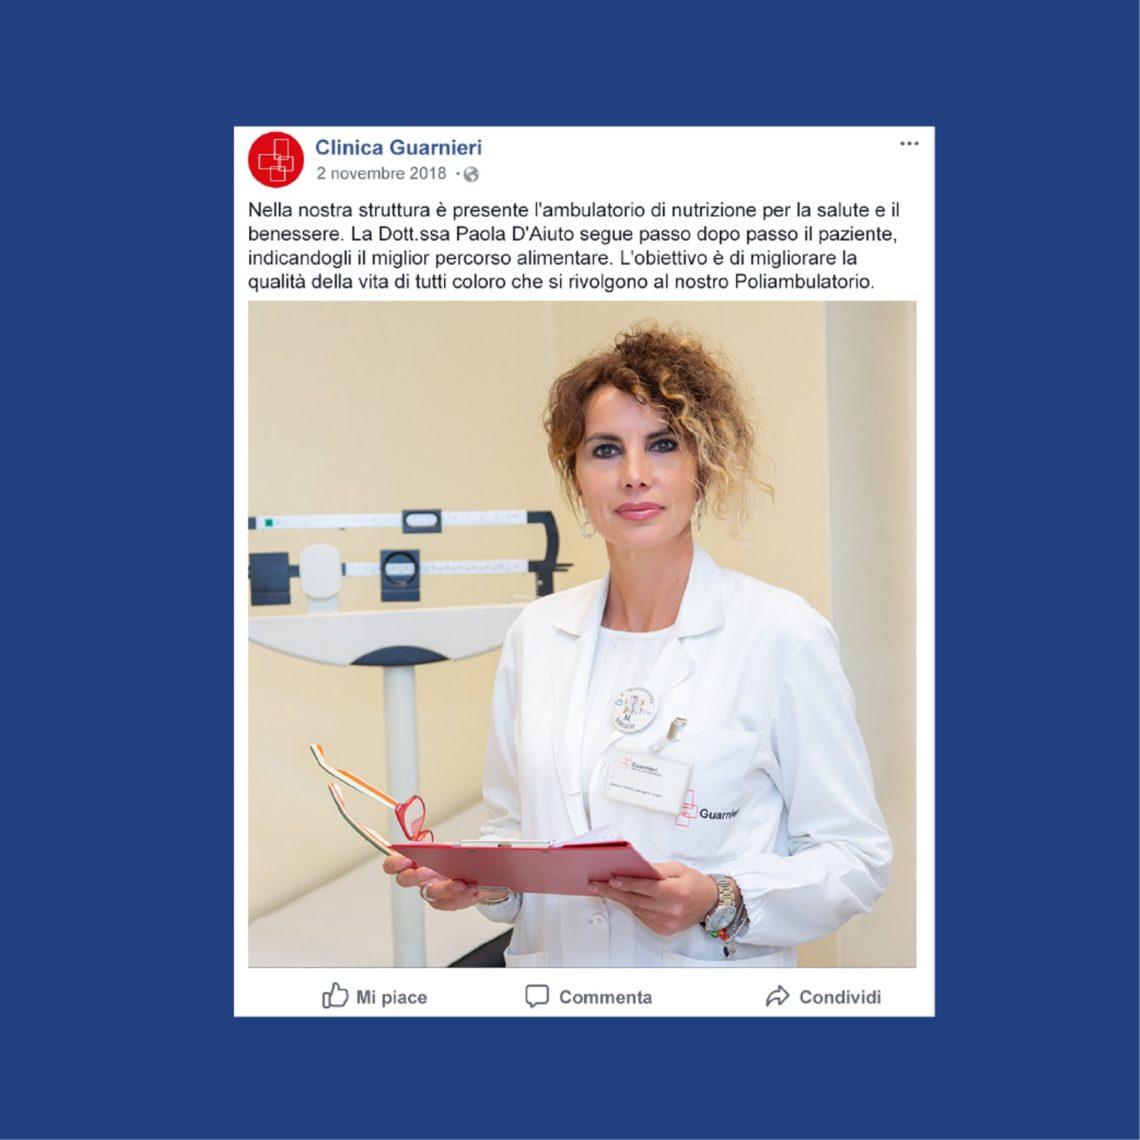 Made It Easy - Promozione per Studi Medici, Dentisti e Farmacie - Gestione Profili Social